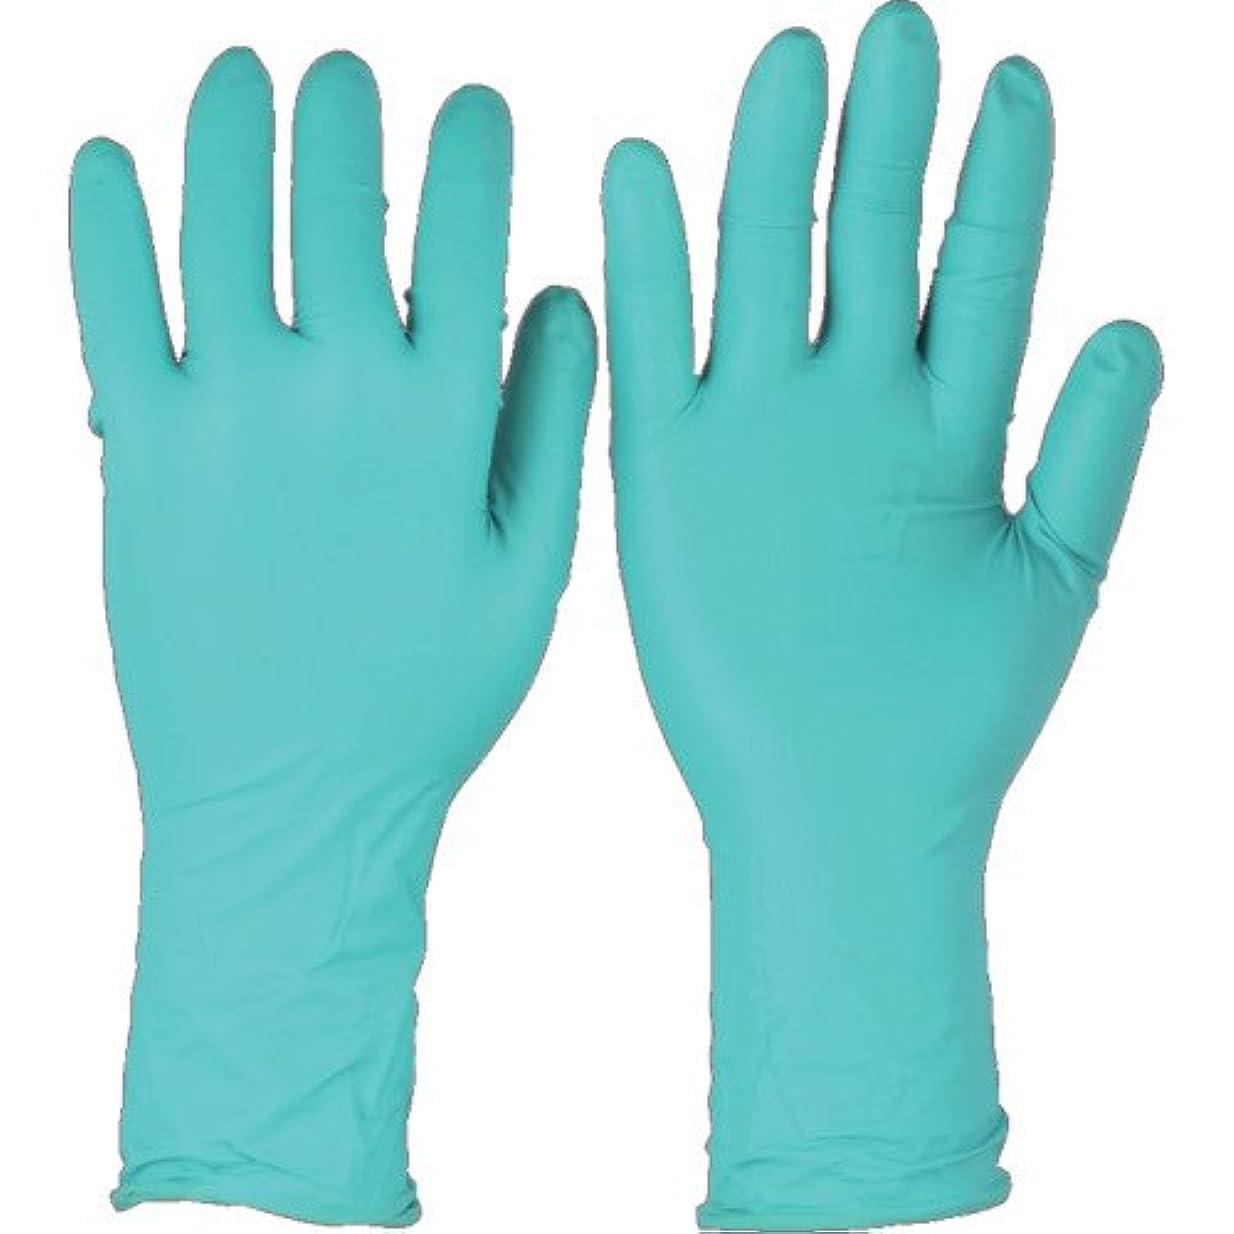 侵入知覚スモッグアンセル ネオプレンゴム使い捨て手袋 マイクロフレックスMサイズ 50枚入 93260-8